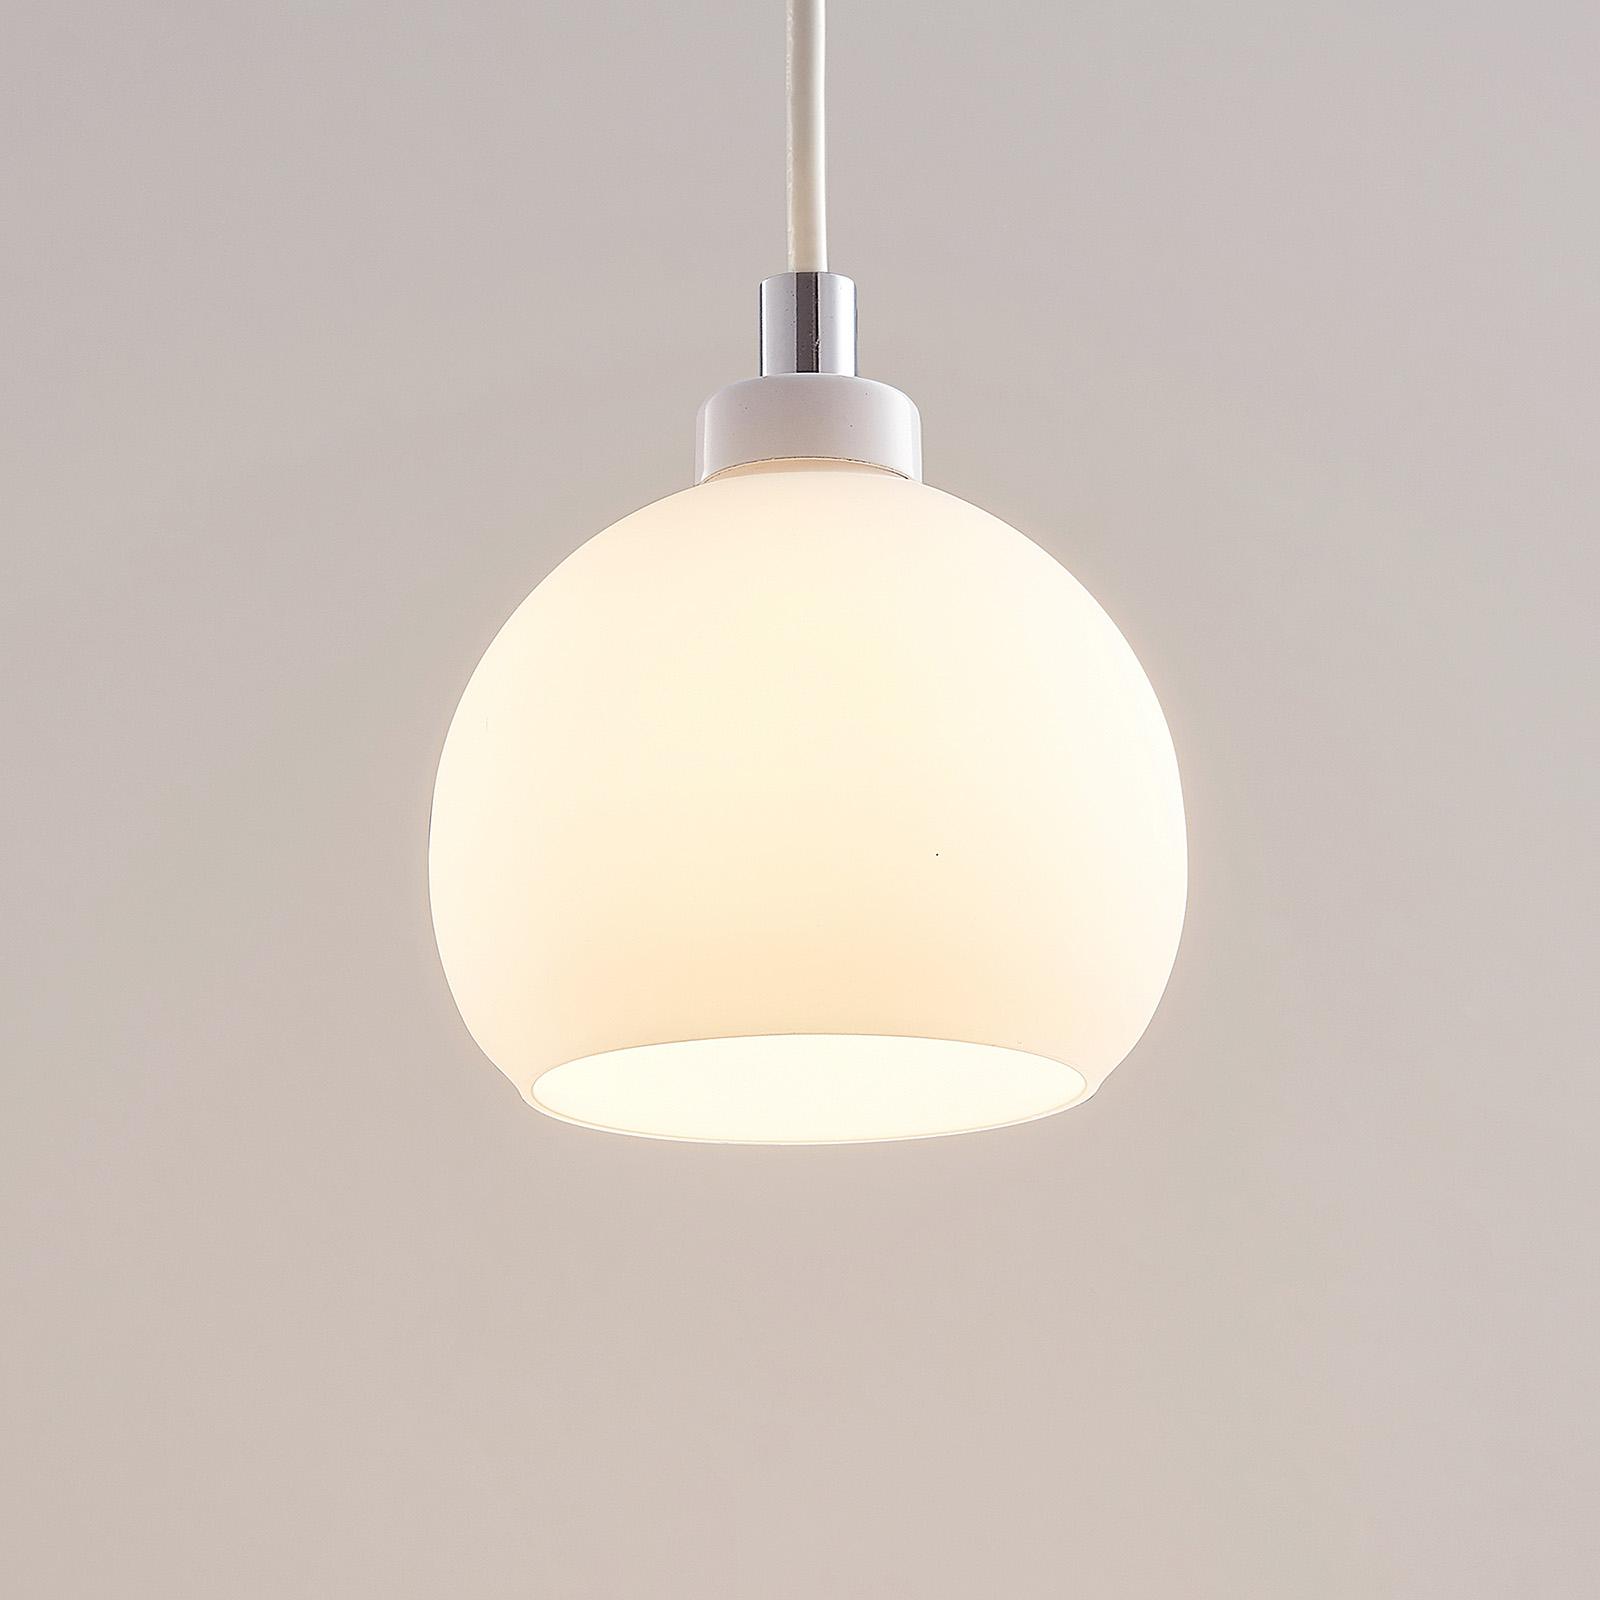 Lampa wisząca LED Kimi do szyny 1-fazowej, biały